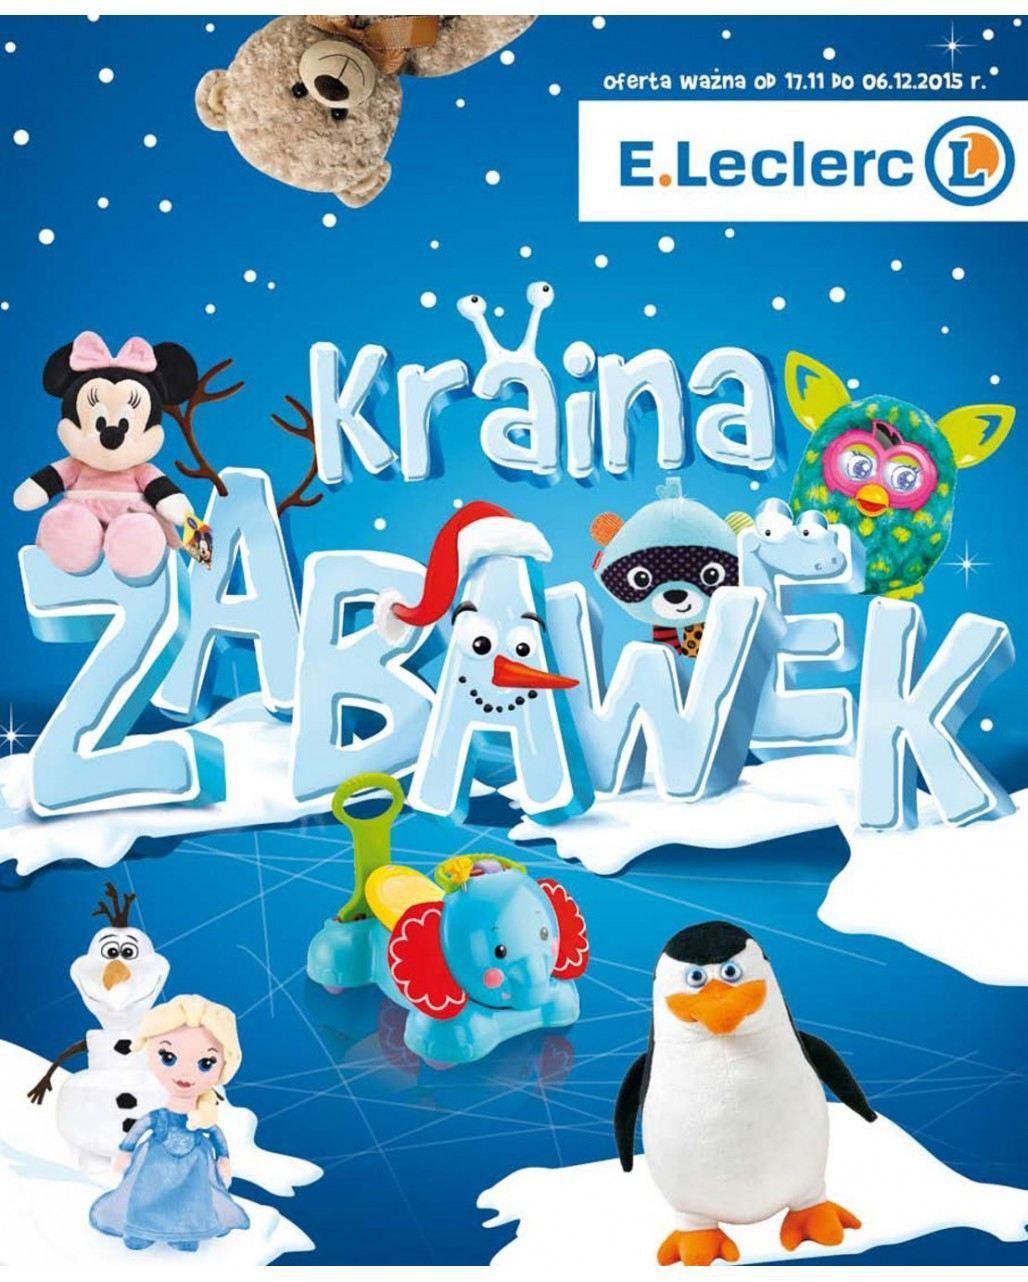 Gazetka promocyjna E.Leclerc do 06/12/2015 str.0